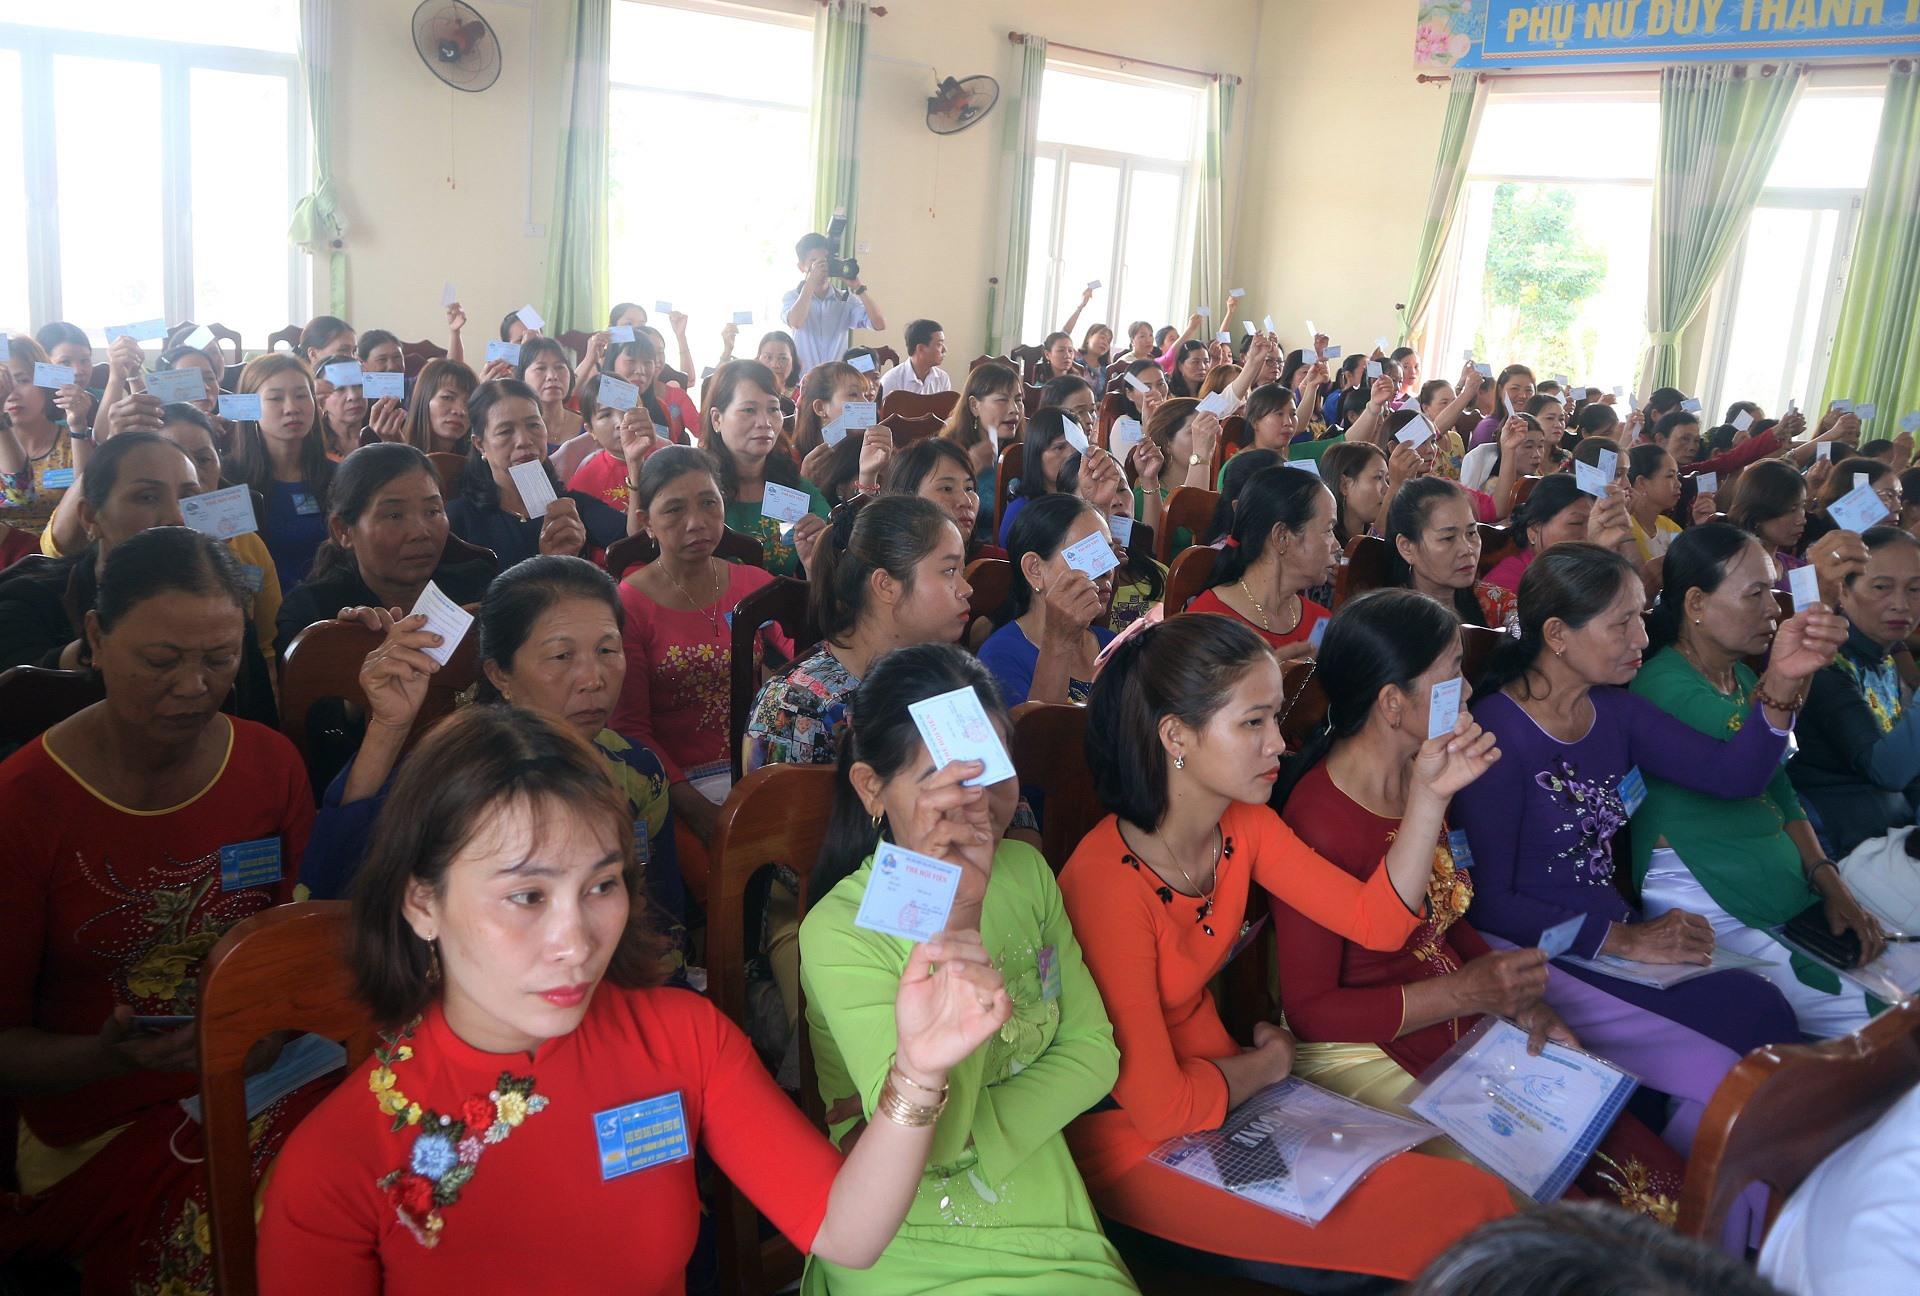 Đại biểu hội viên phụ nữ xã Duy Thành biểu quyết bầu ban chấp hành Hội LHPN xã, nhiệm kỳ 2021 - 2026.